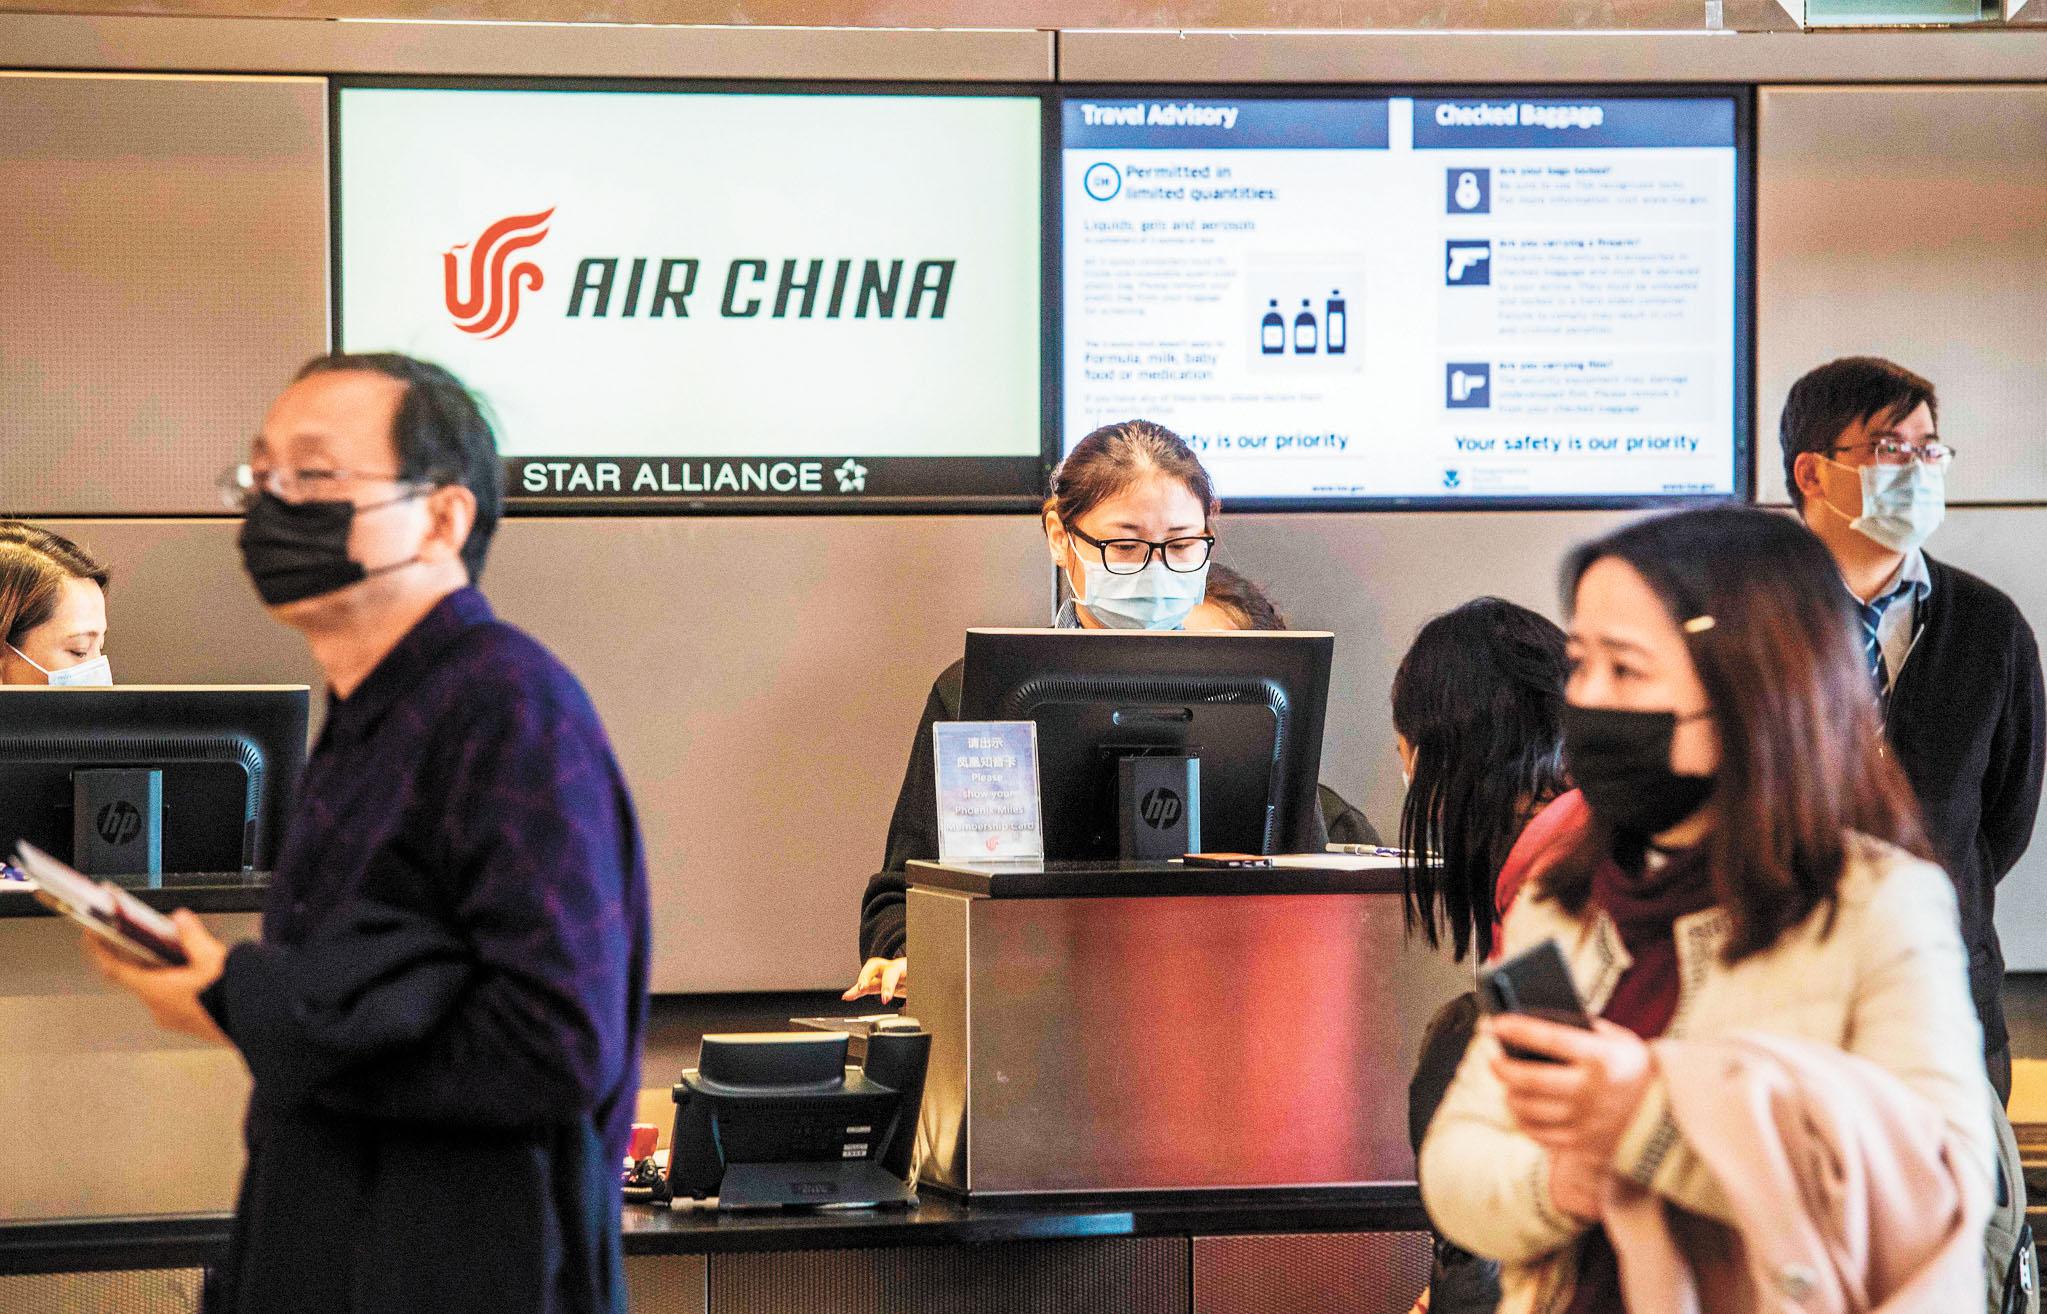 美國針對中國接連做出簽證限制,受此限制影響的中方人員規模尚不清楚。圖為在洛杉磯國際機場,戴著口罩的中國公民在辦理飛北京的登機手續。法新社資料圖片